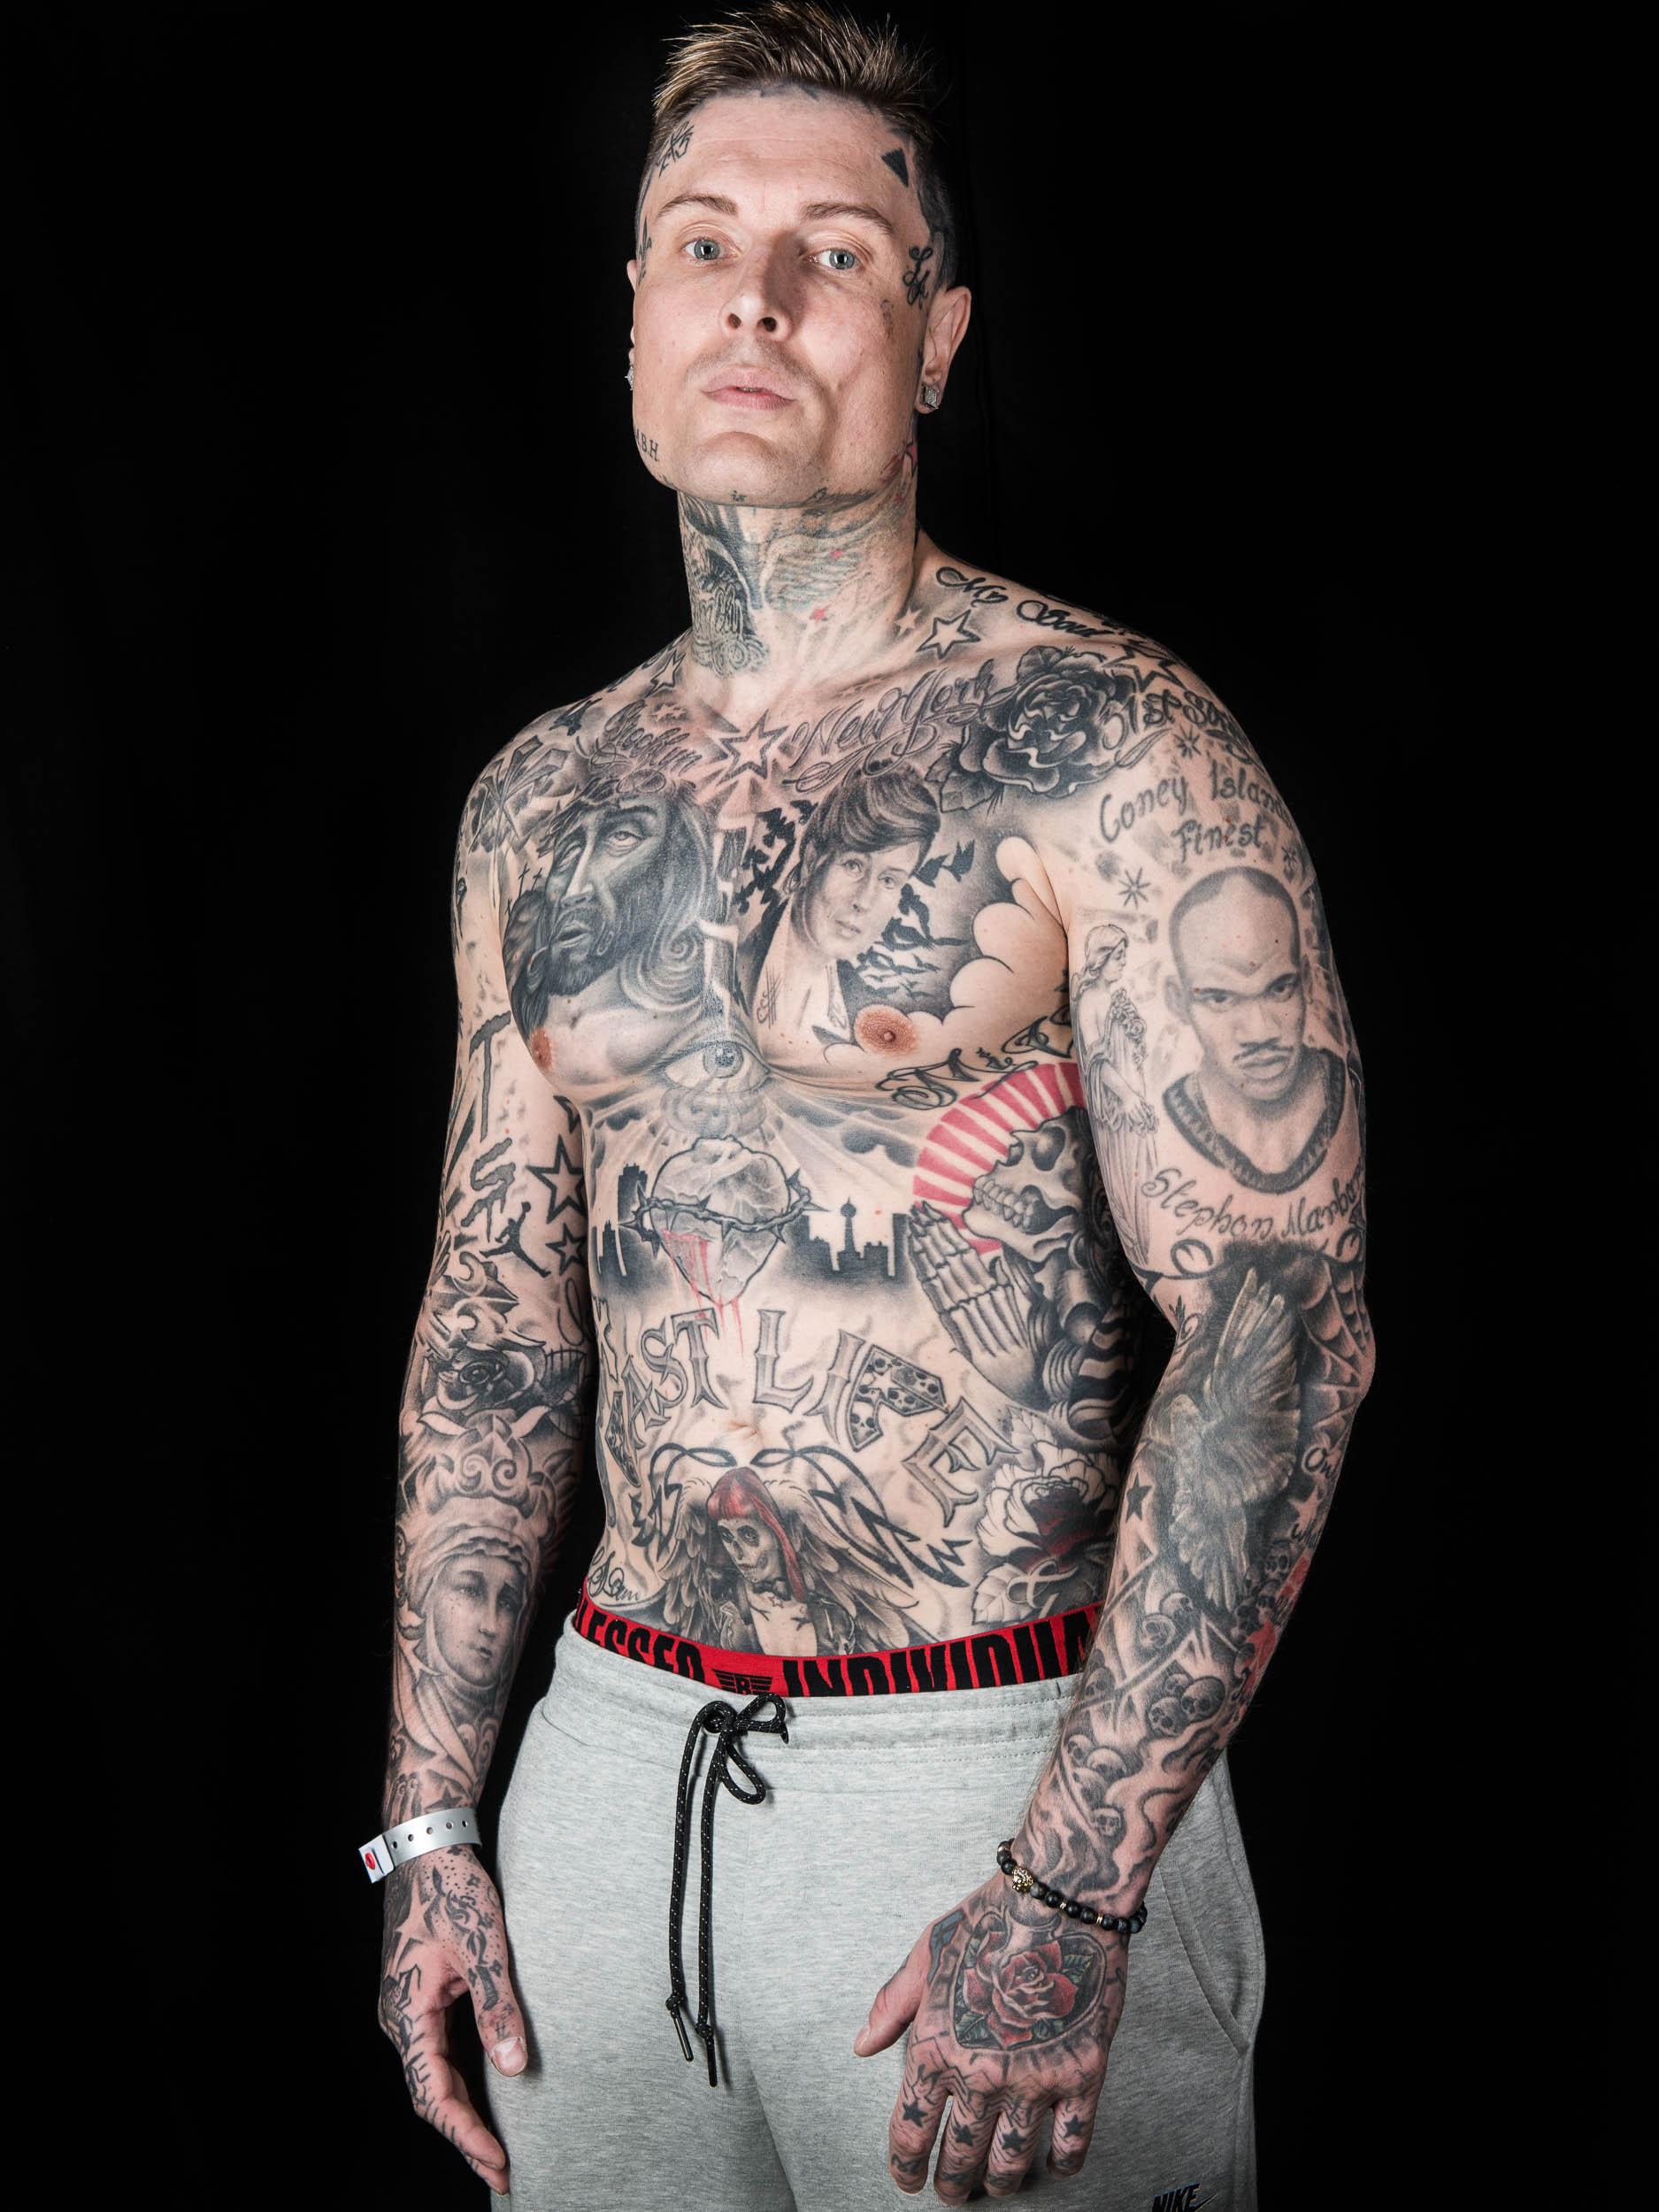 www.iaincrockart.com_tattoo-6.jpg